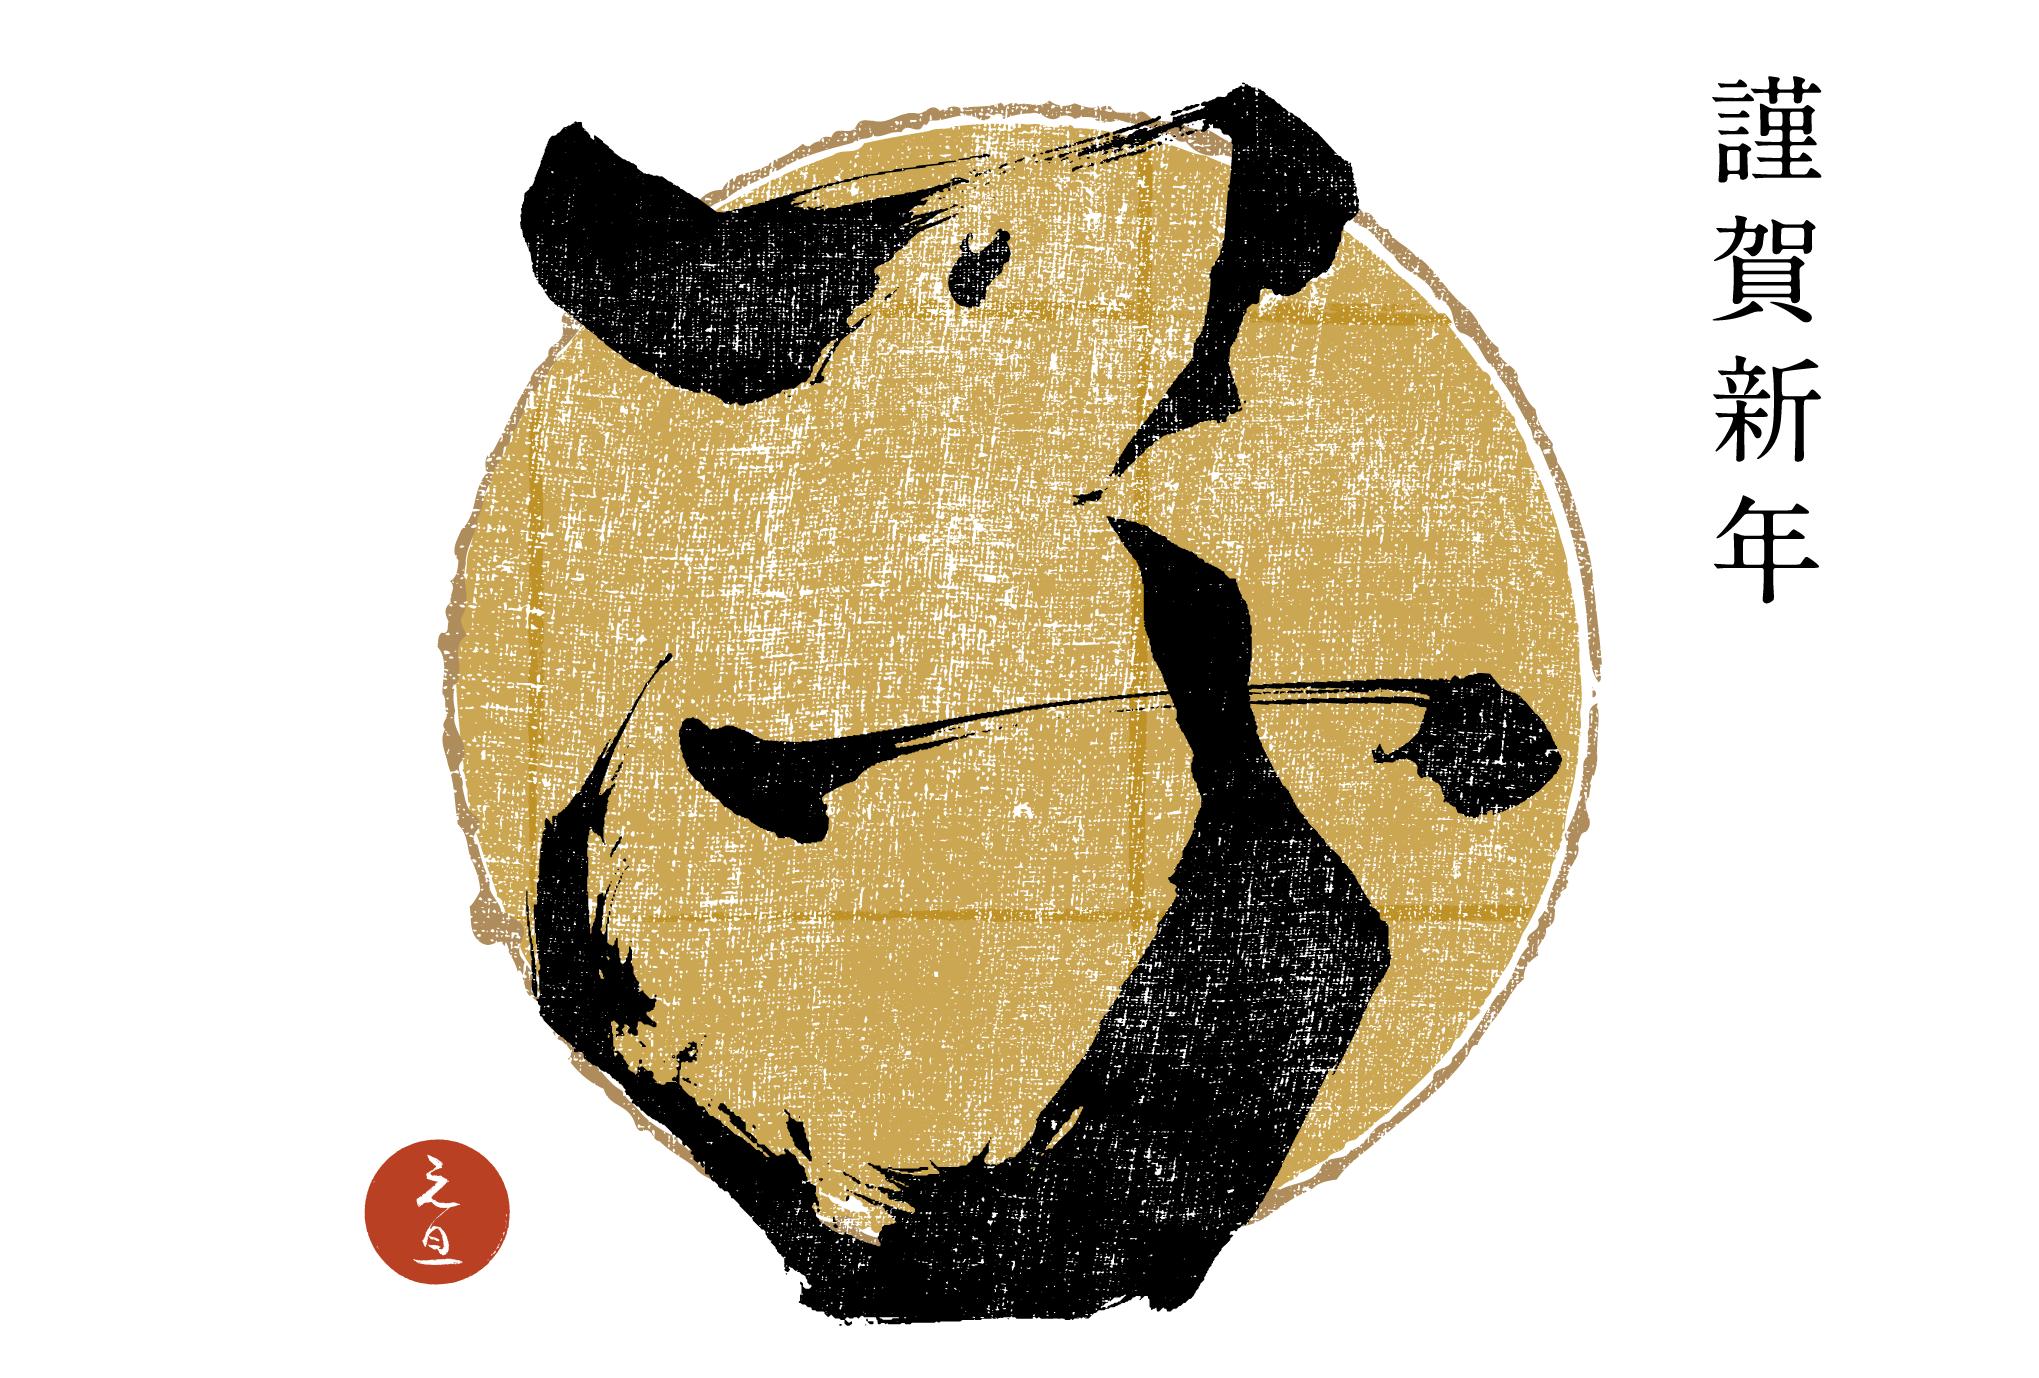 2020年賀状09-2:子 Calligraphy(謹賀金色丸)横のダウンロード画像